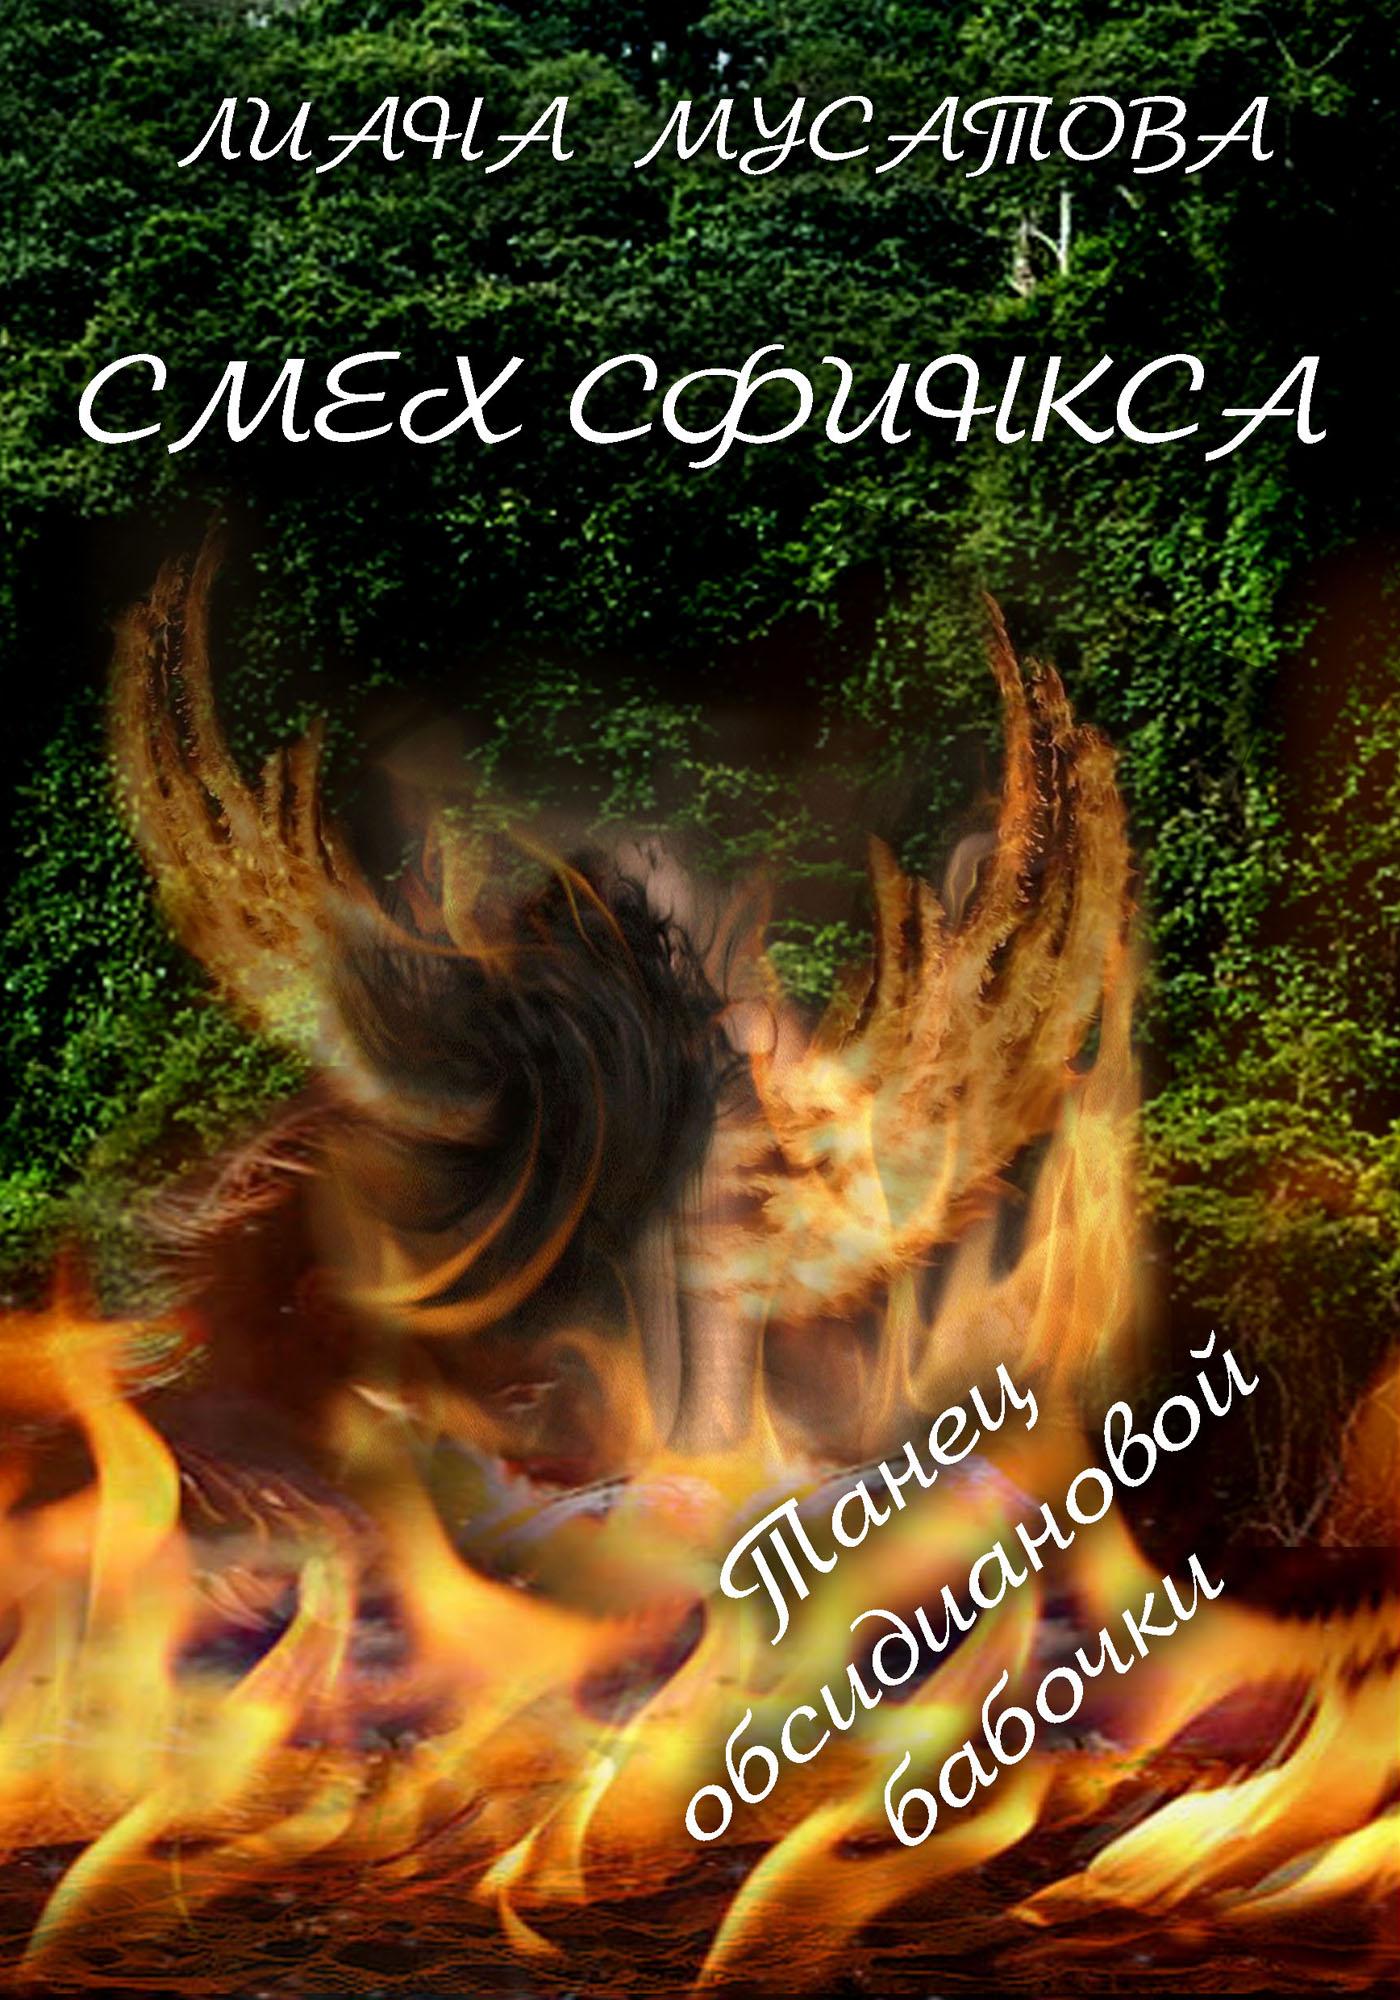 Лиана Мусатова Смех сфинкса. Танец обсидиановой бабочки цена 2017